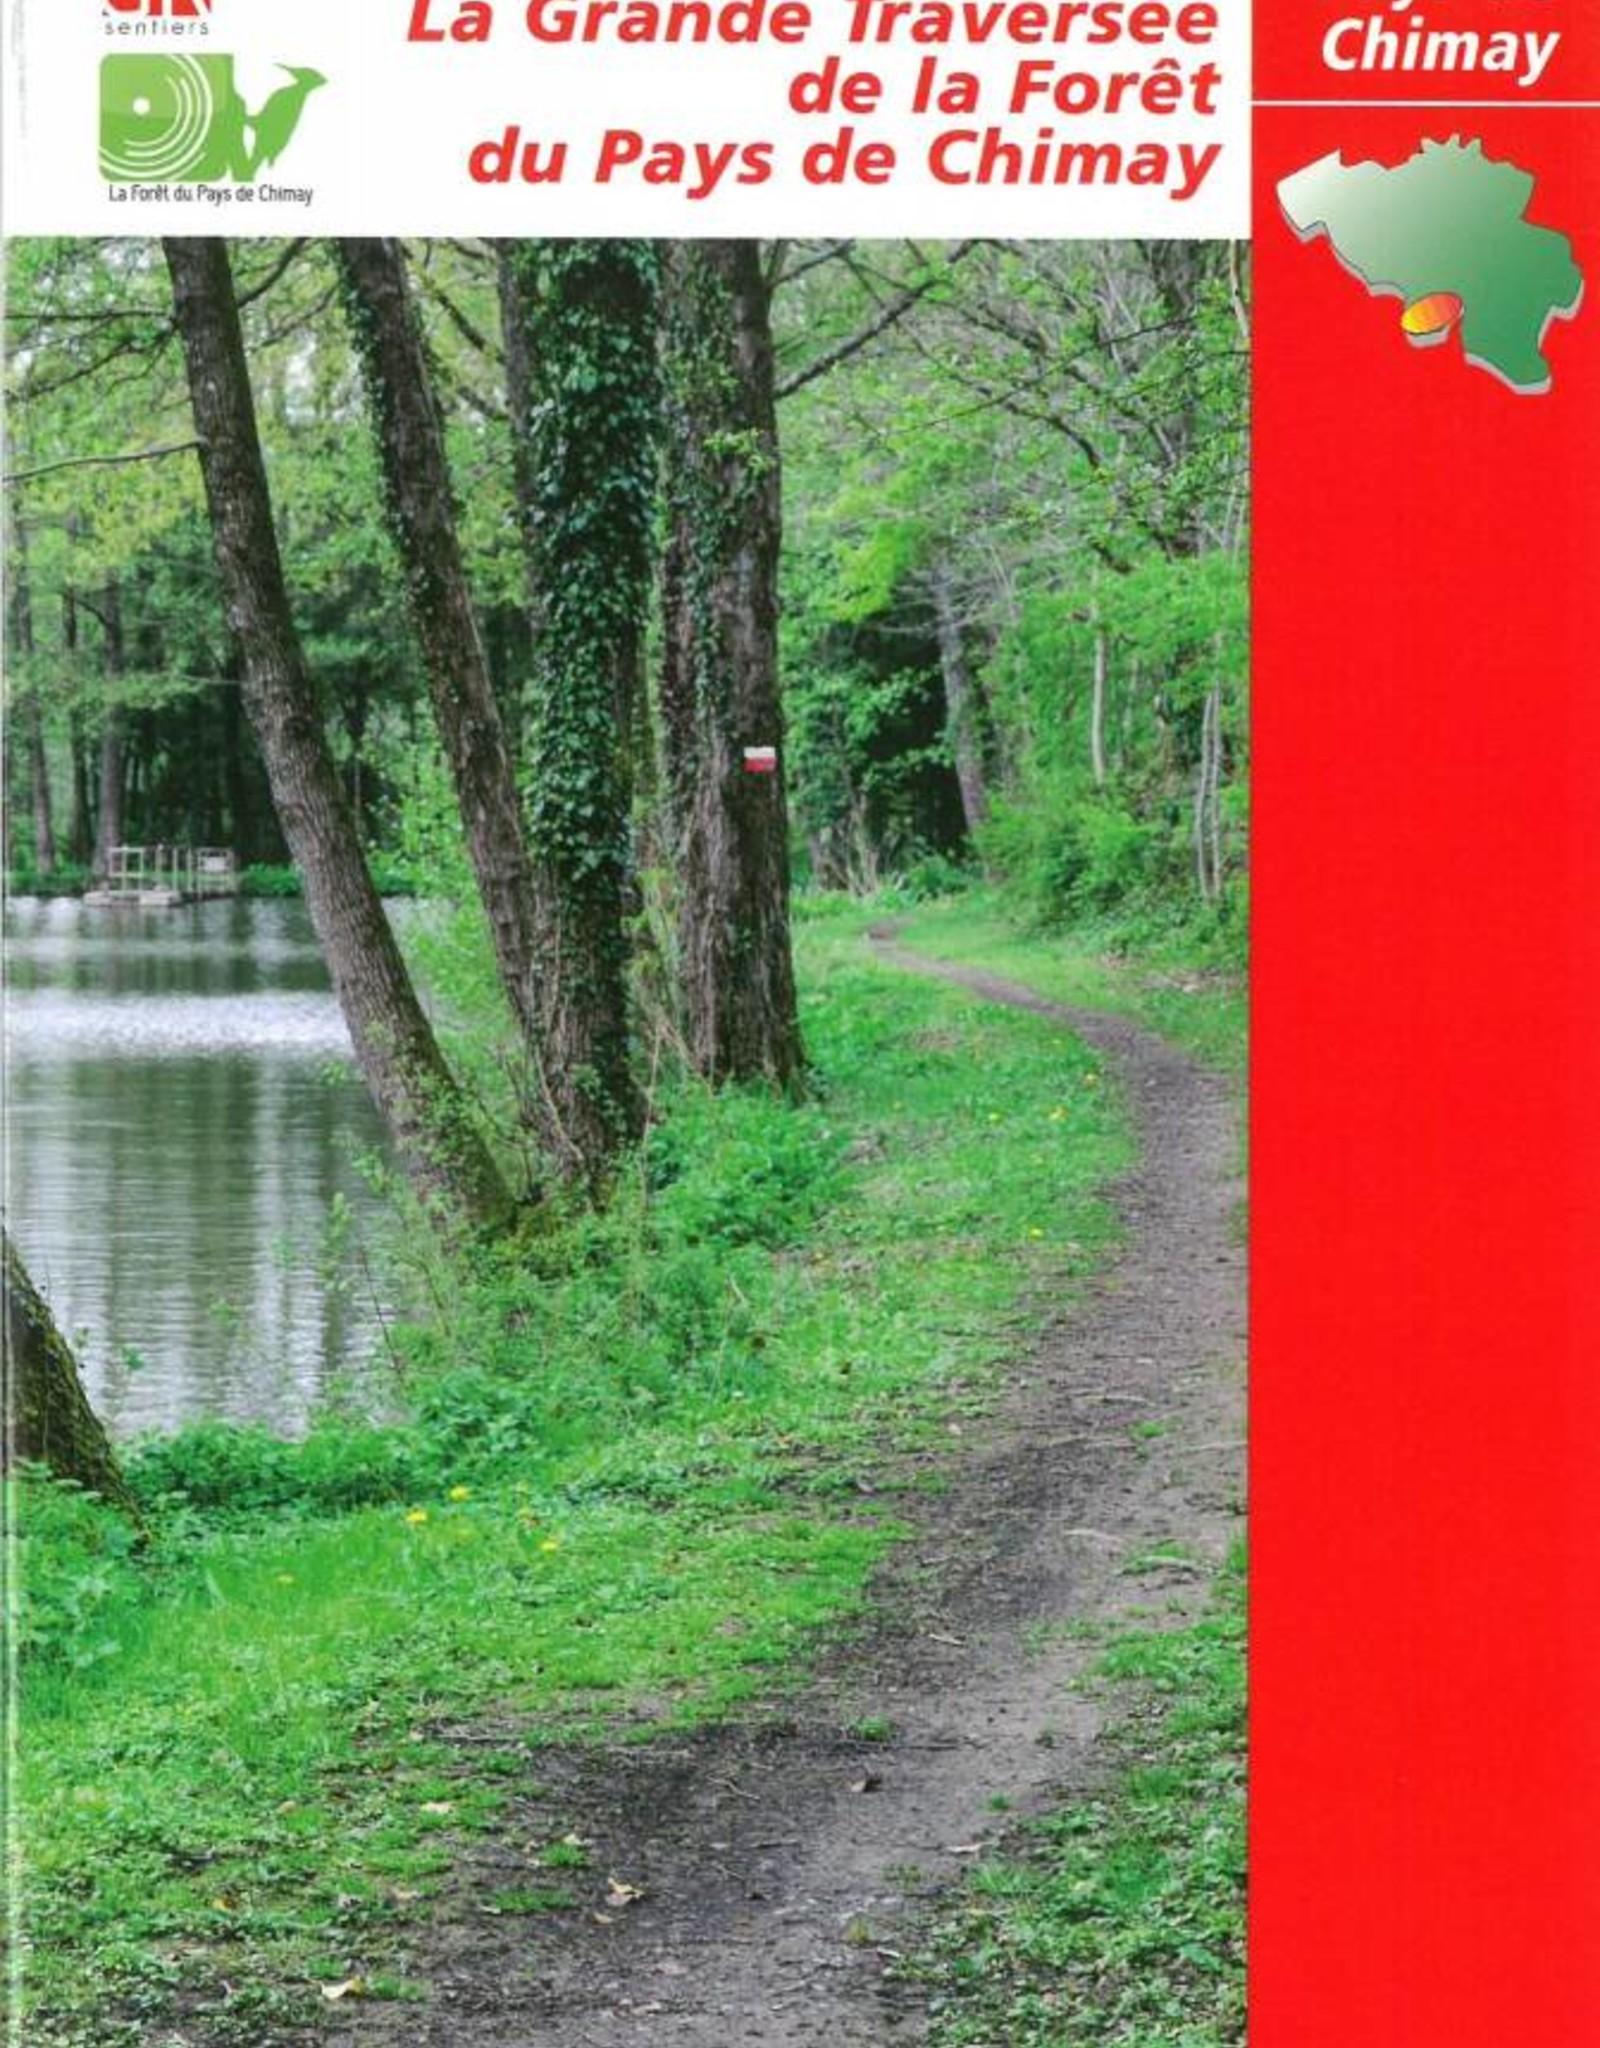 GR sentiers L-Topo guide La grande traversée de la forêt du pays de Chimay